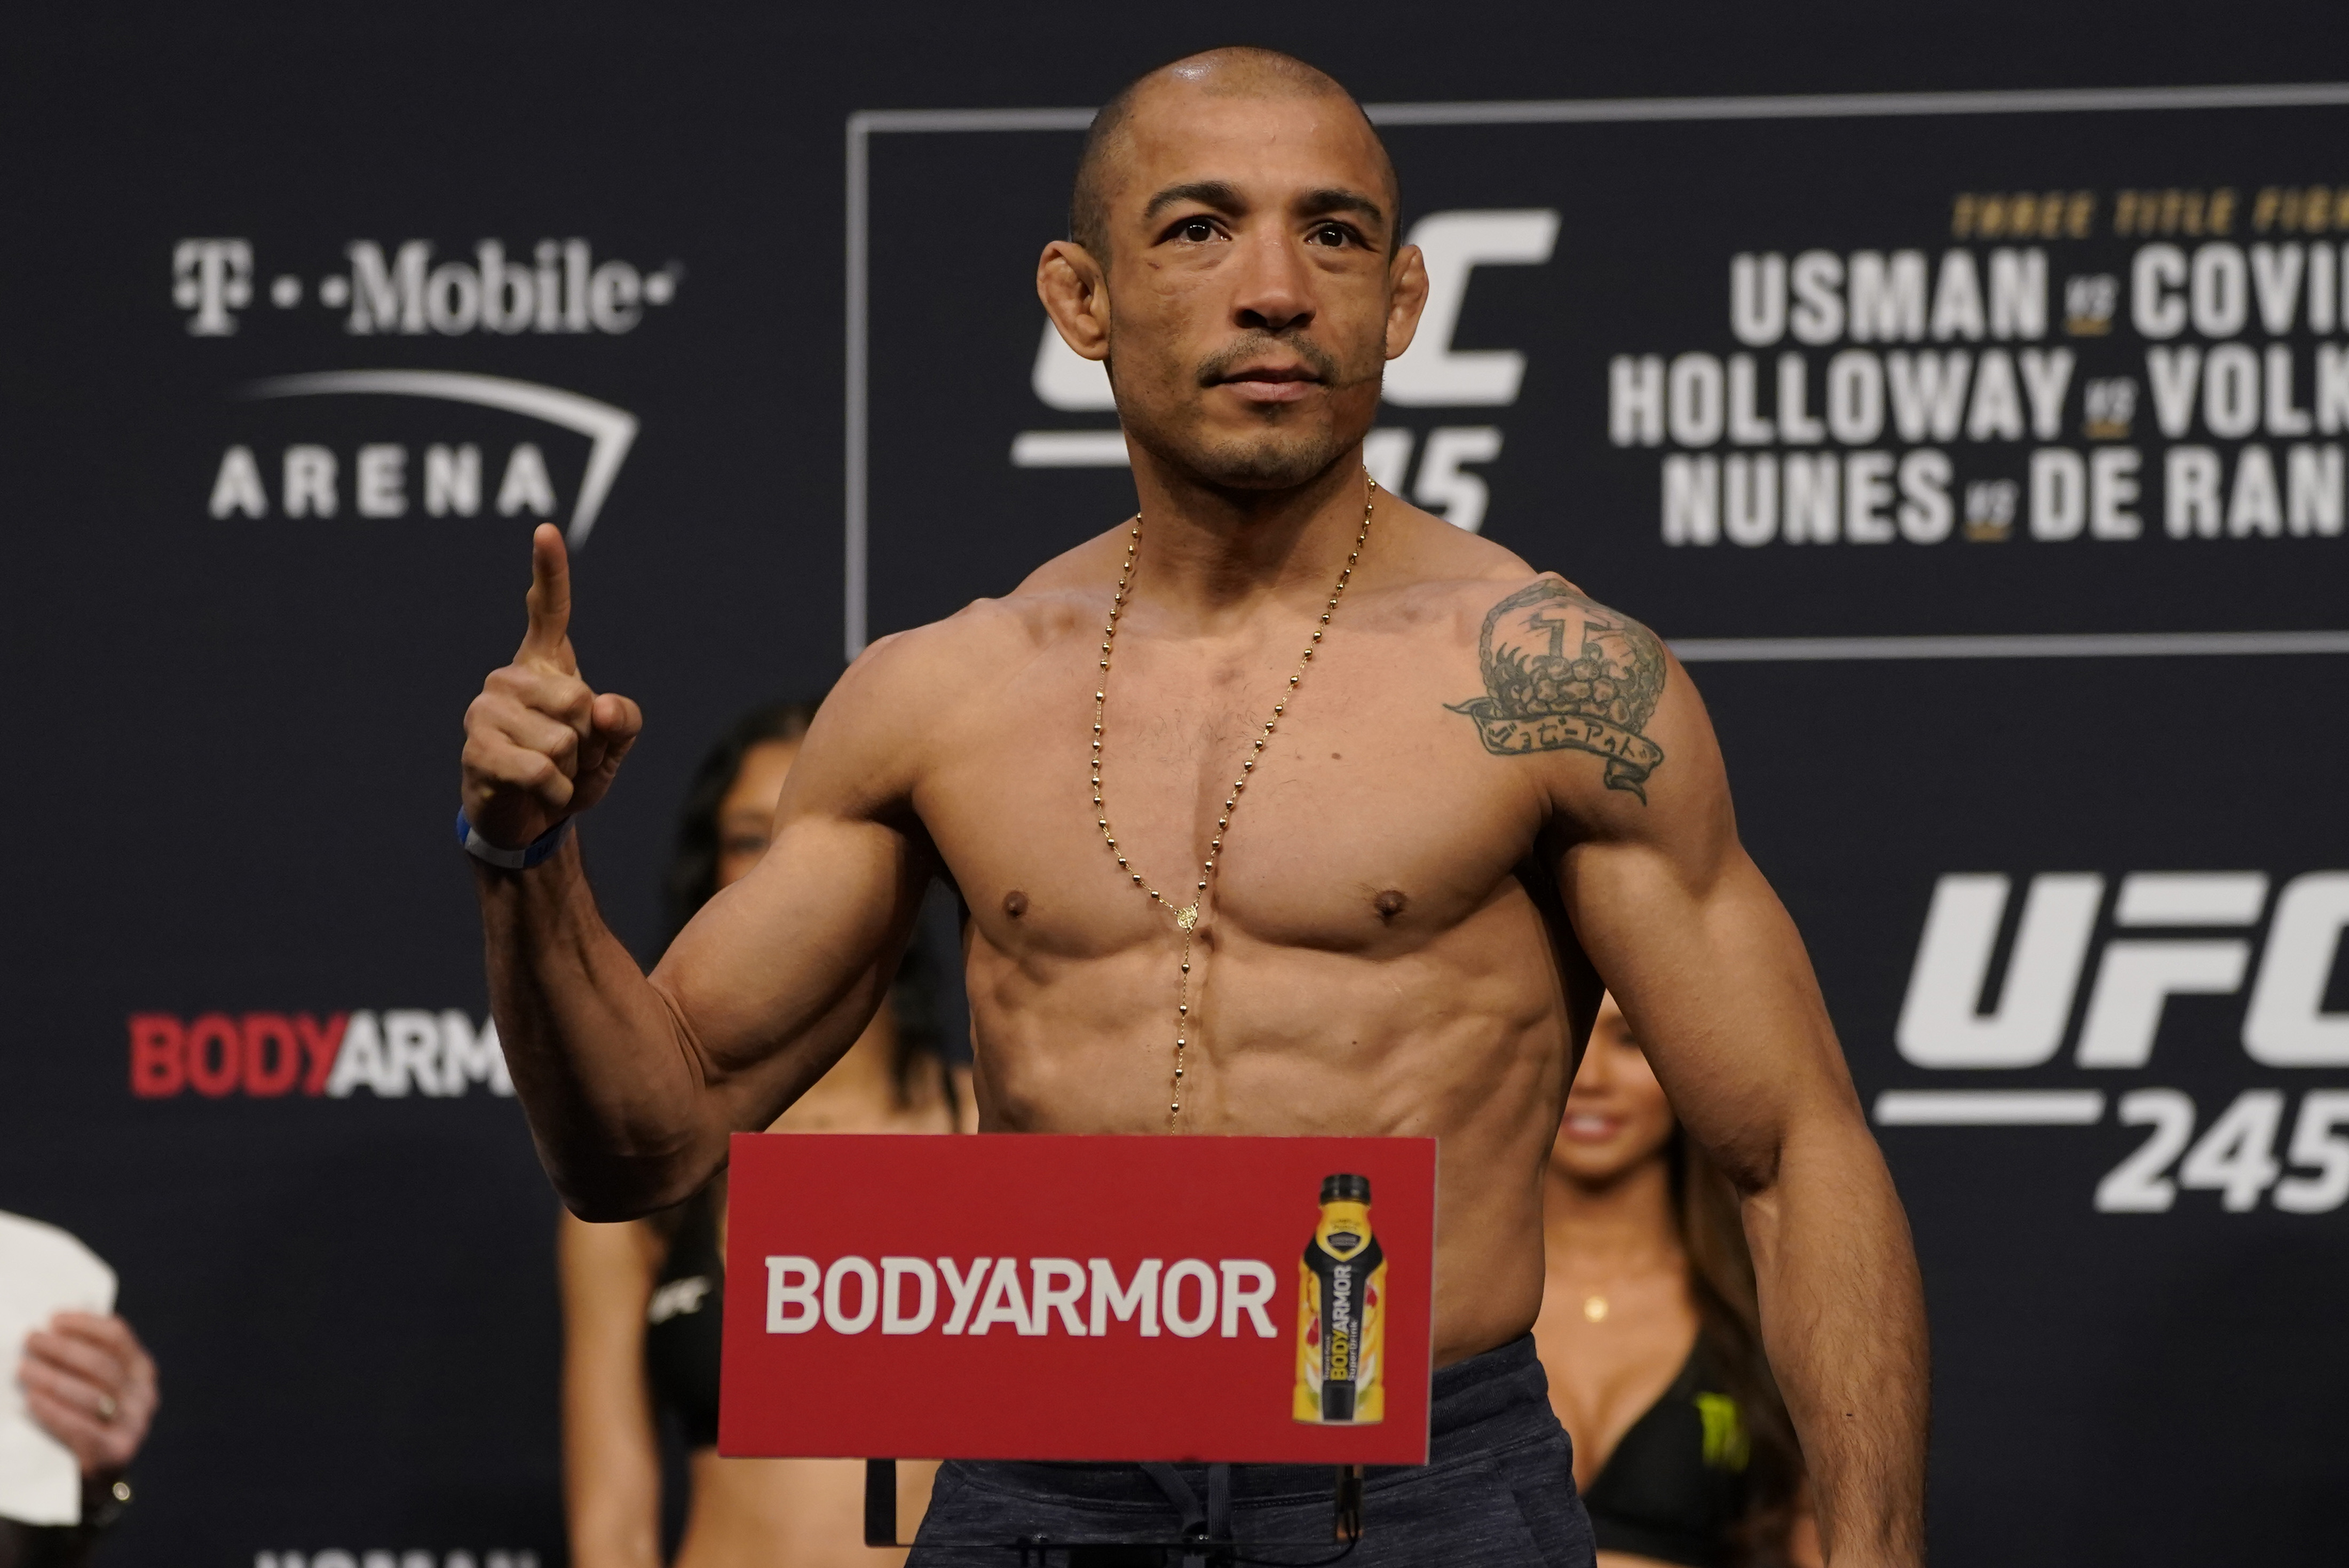 UFC 245 Usman v Covington: Weigh-Ins